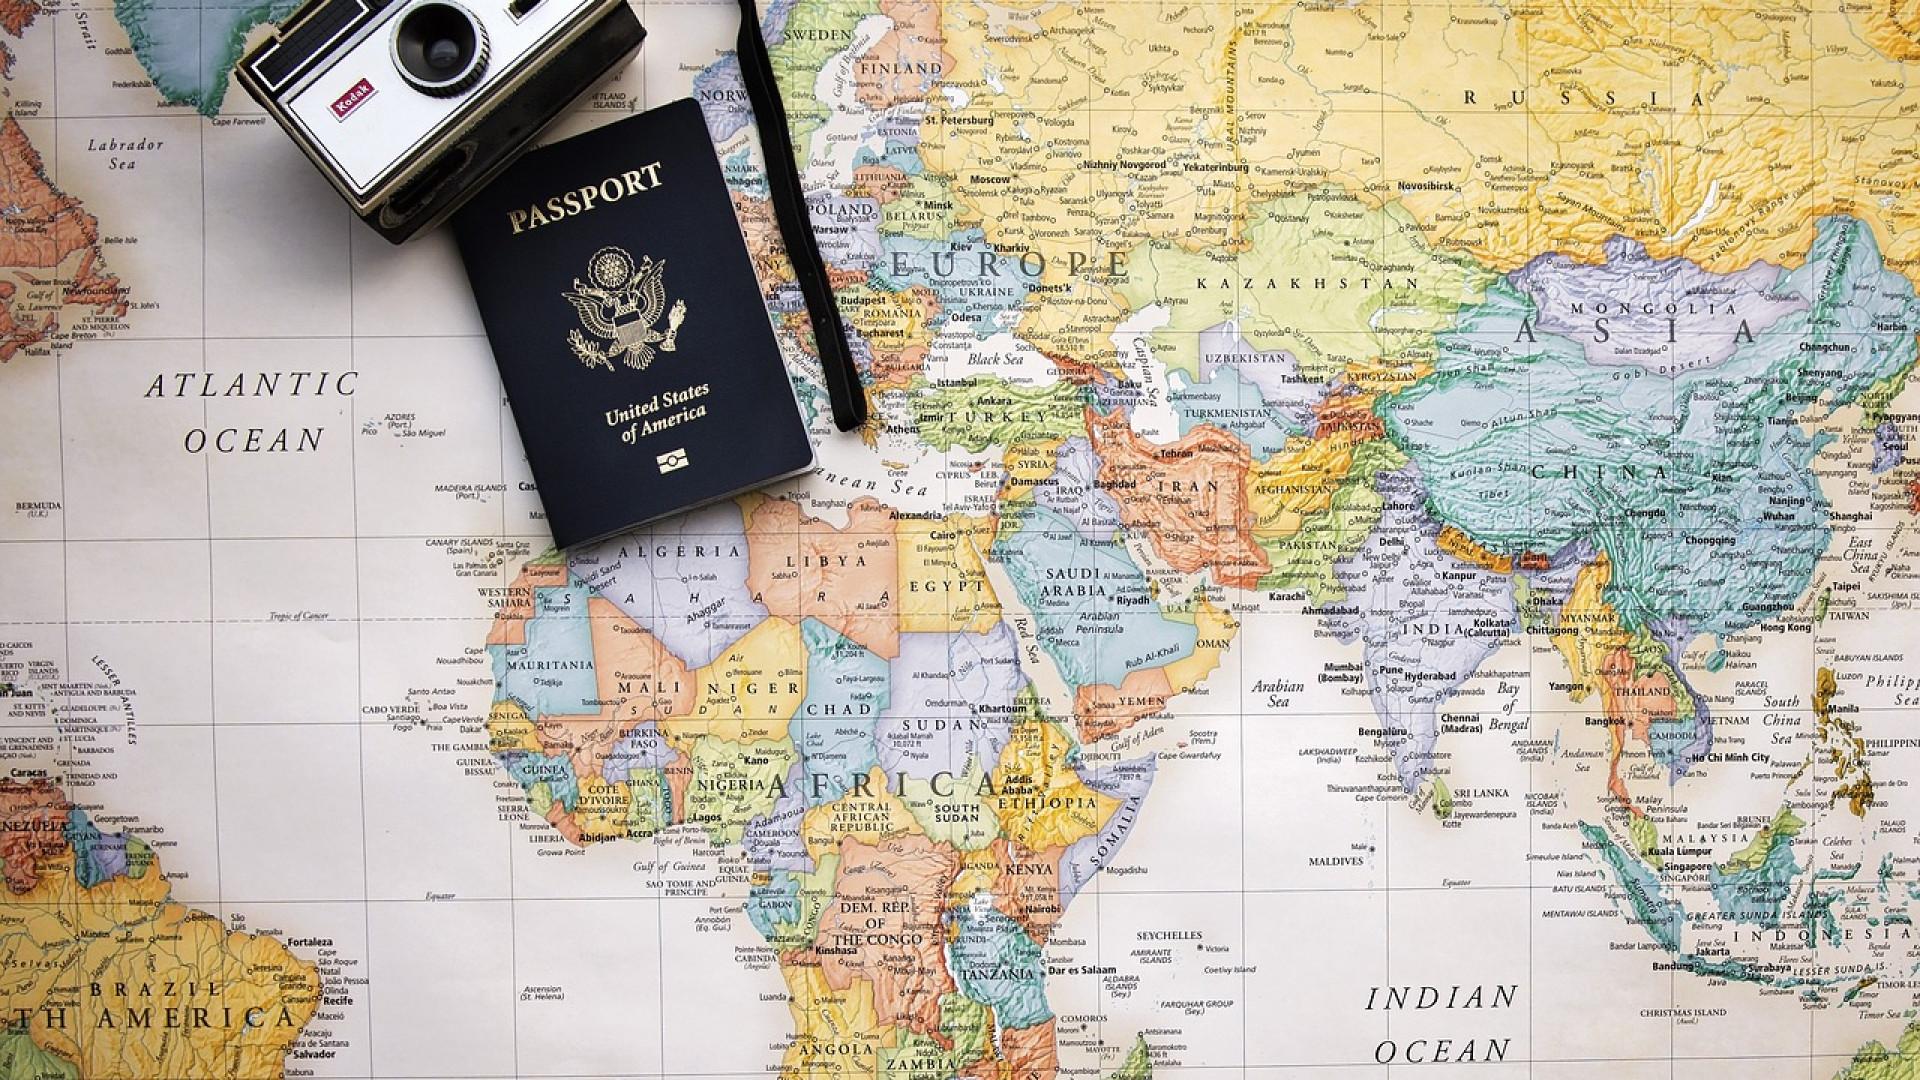 Le e-visa facilite vos démarches pour voyager